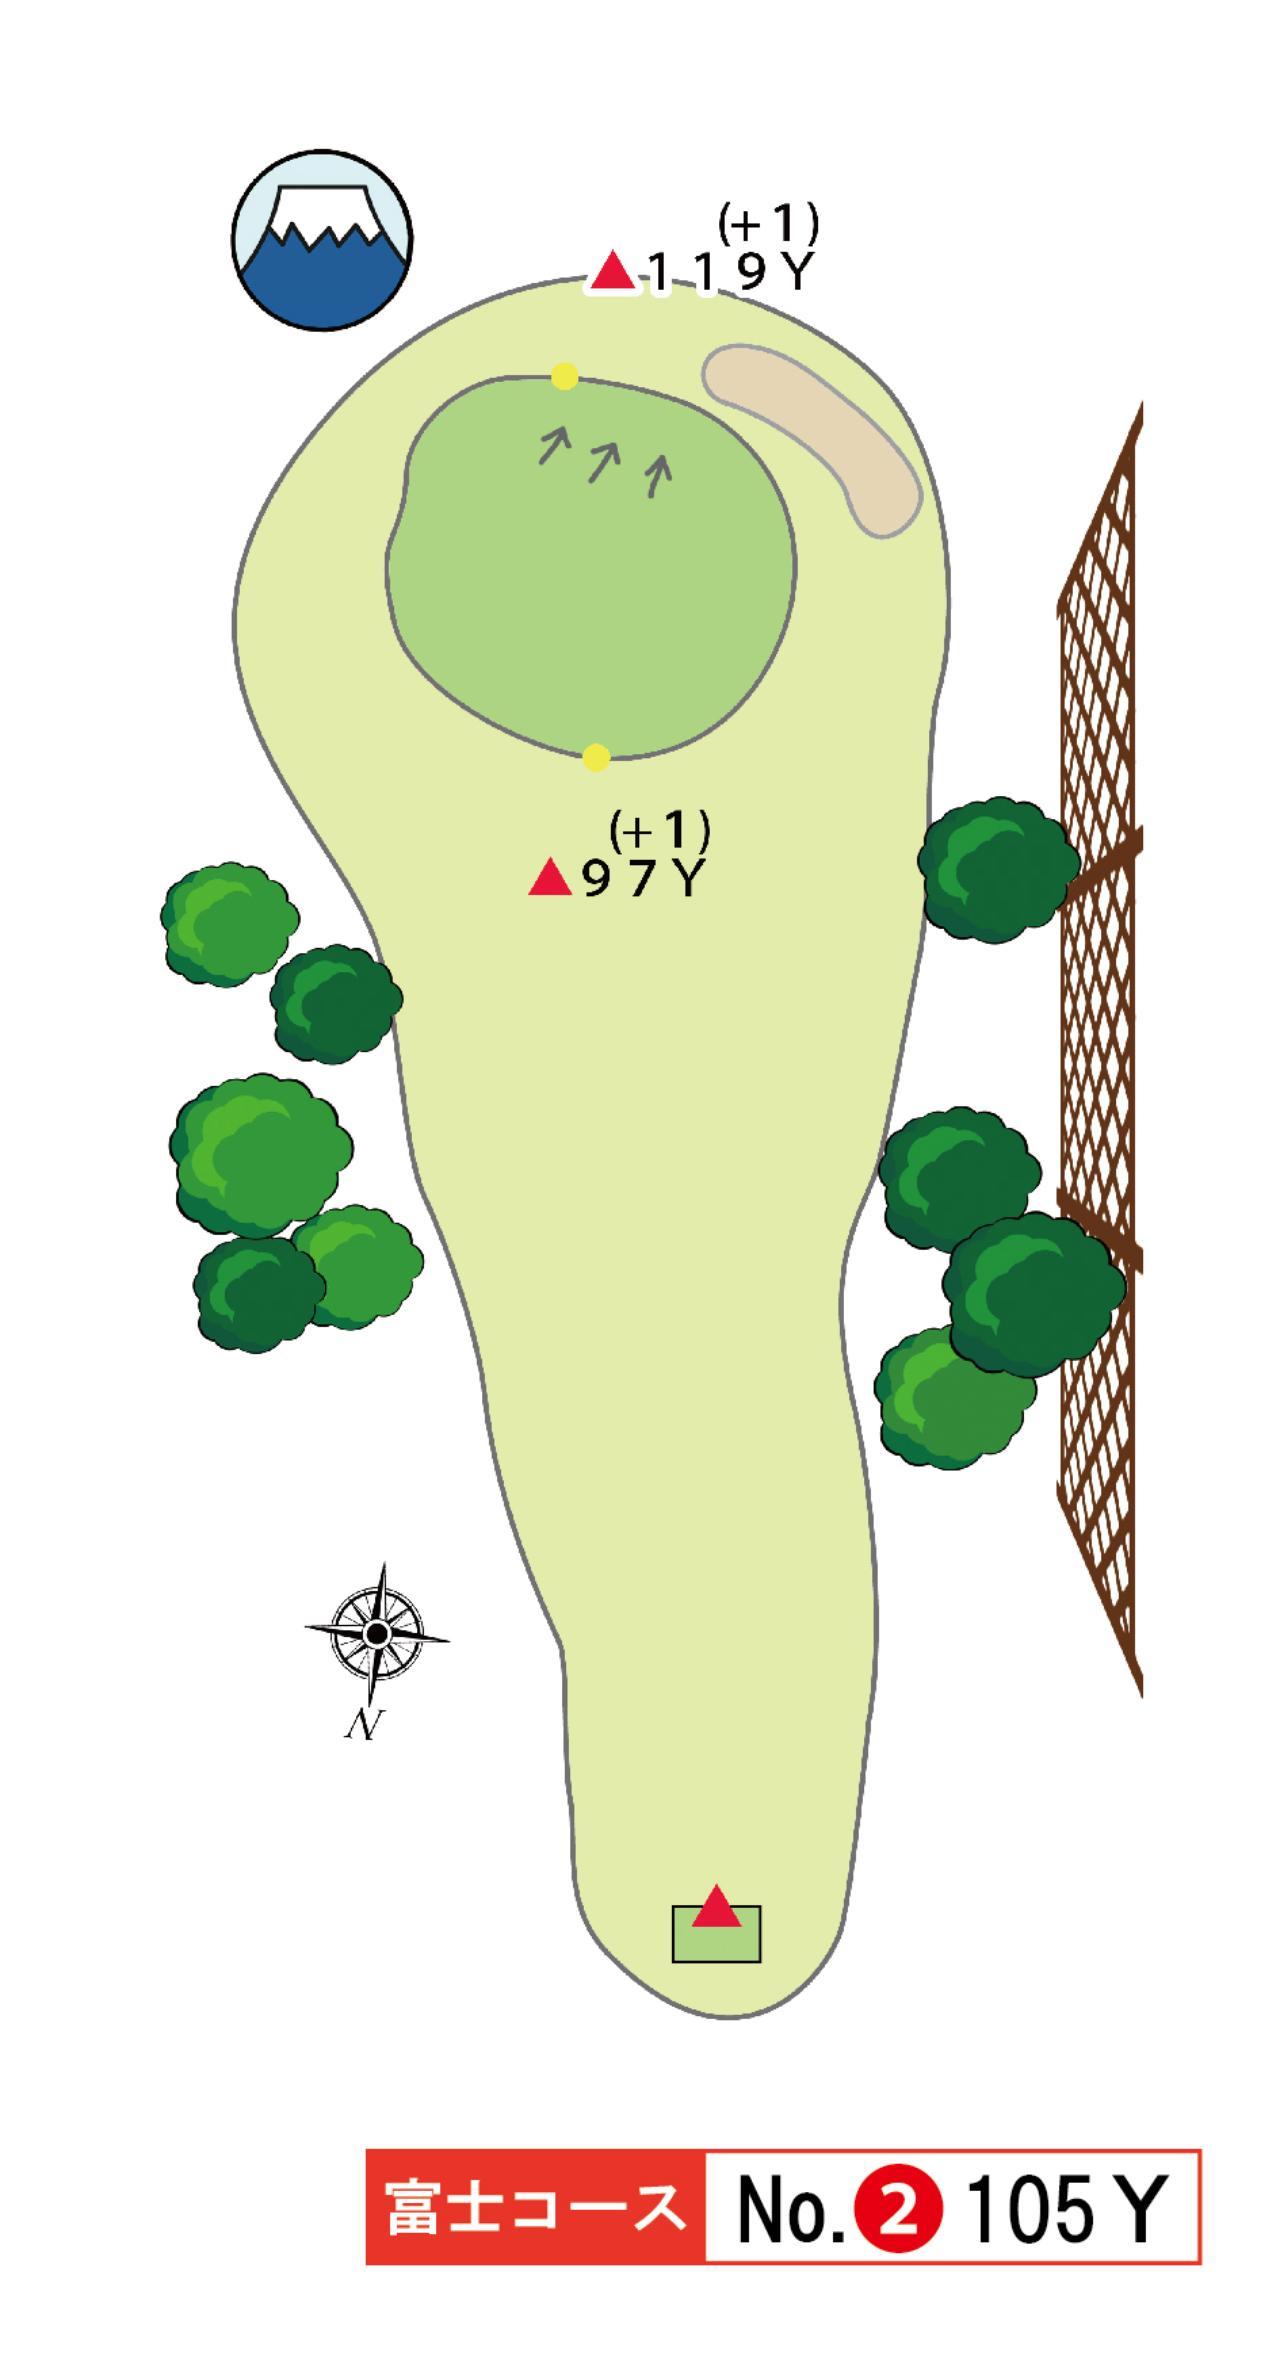 画像: 富士コース 2番 105Y